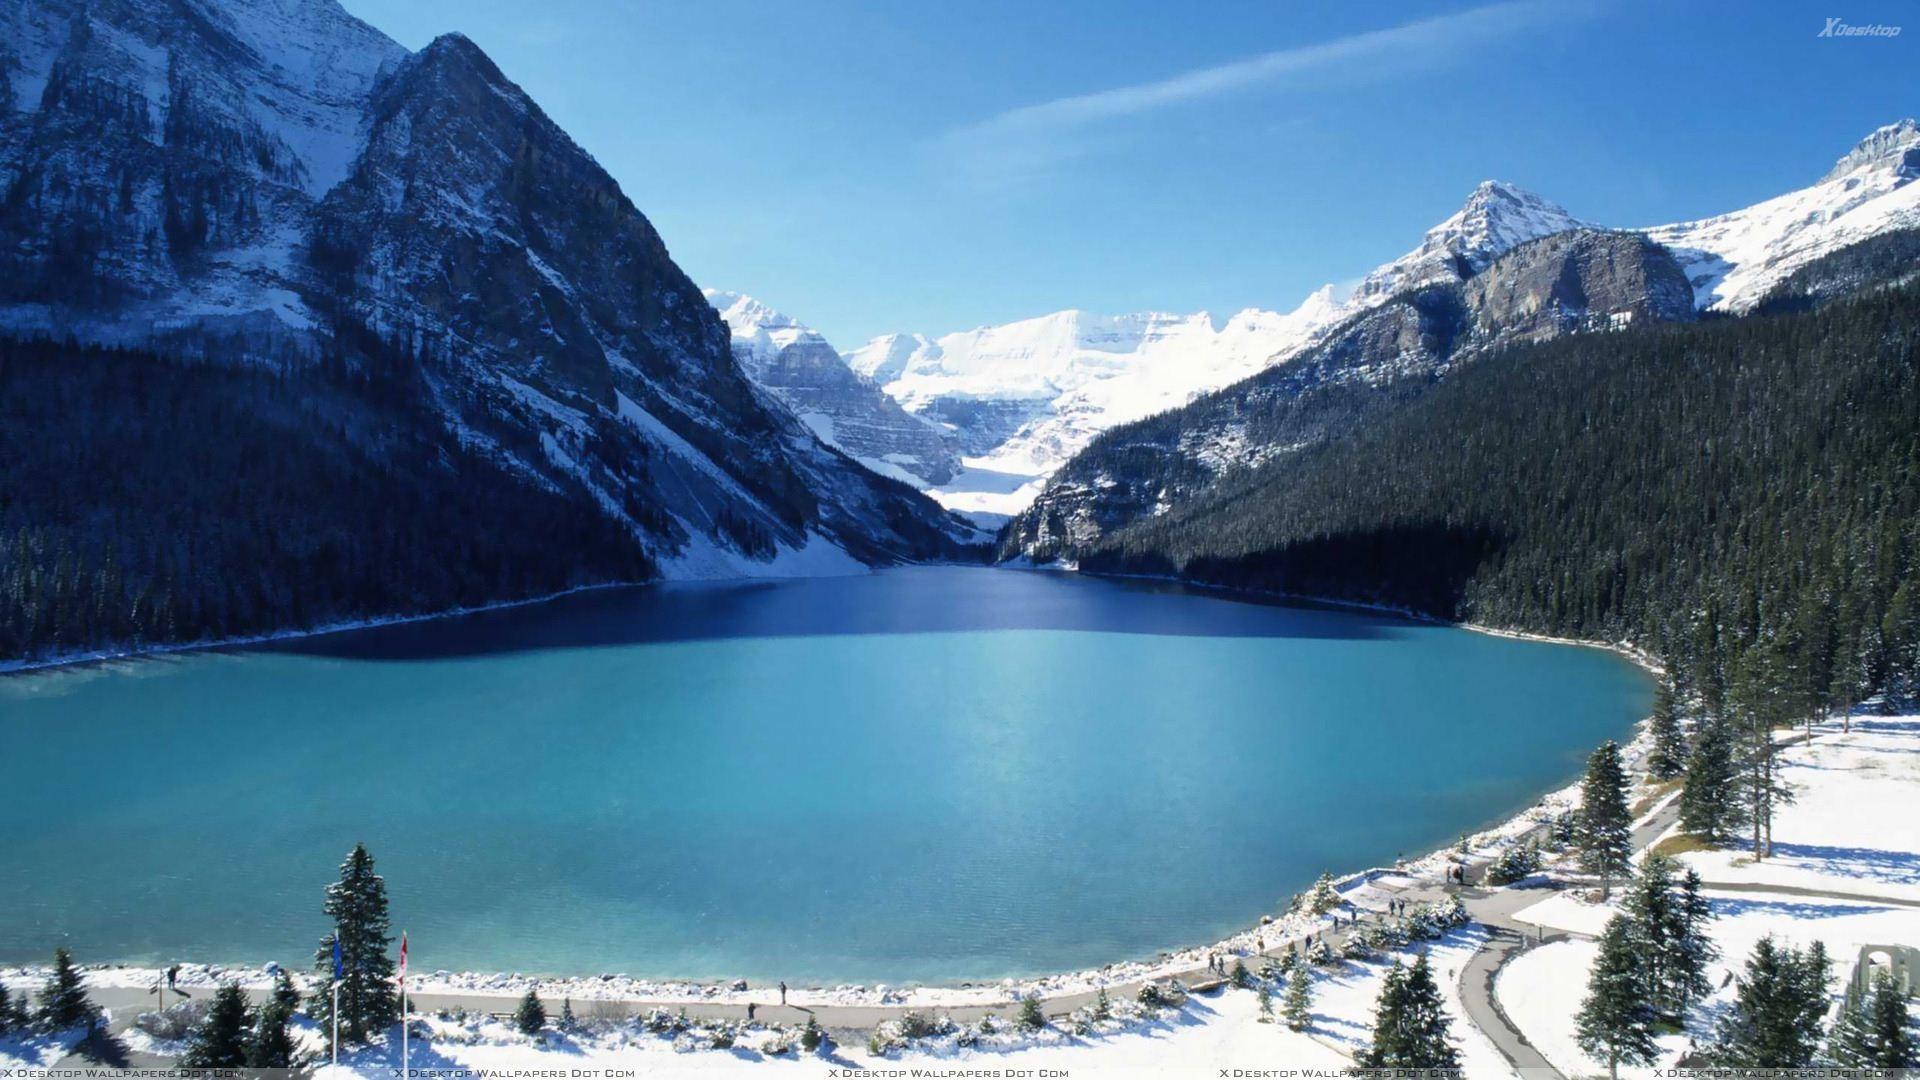 Lake Louise Far View Scene Wallpaper